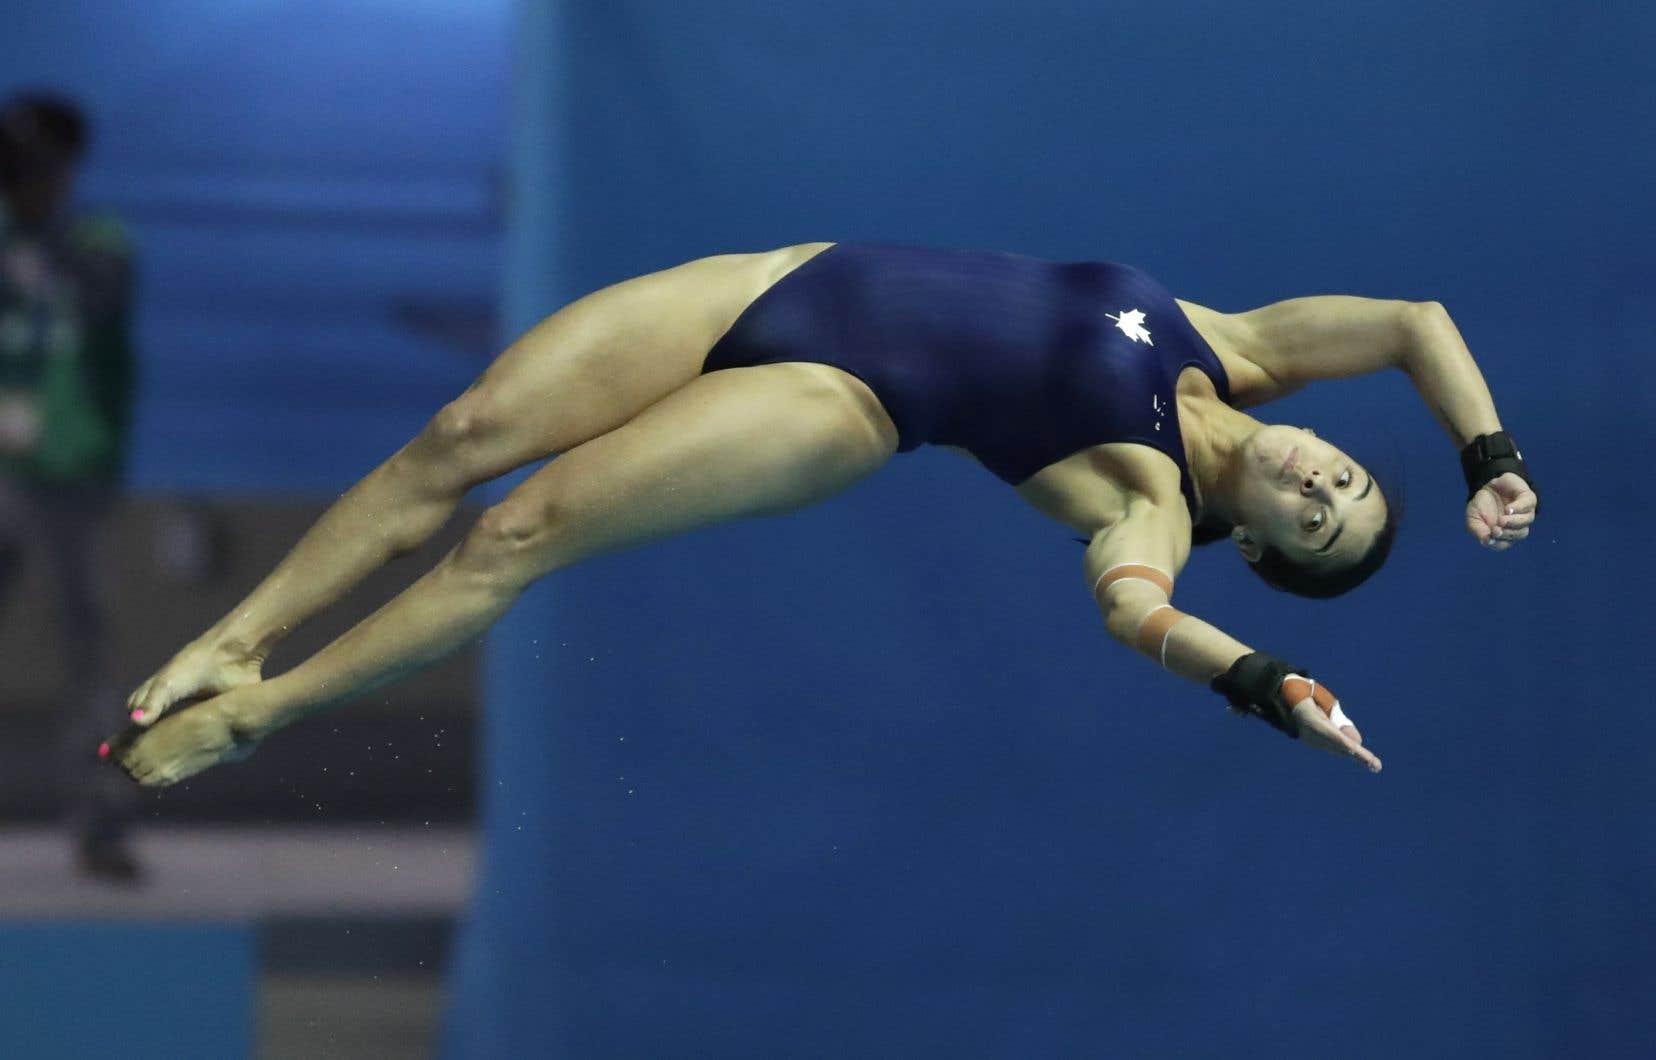 La MontréalaiseMeaghan Benfeito a terminé au quatrième rangparmi les 18 plongeuses inscrites àl'épreuve individuelle à la tour de 10 mètres, aux Championnats du monde de natation de Gwangju, en Corée du Sud.